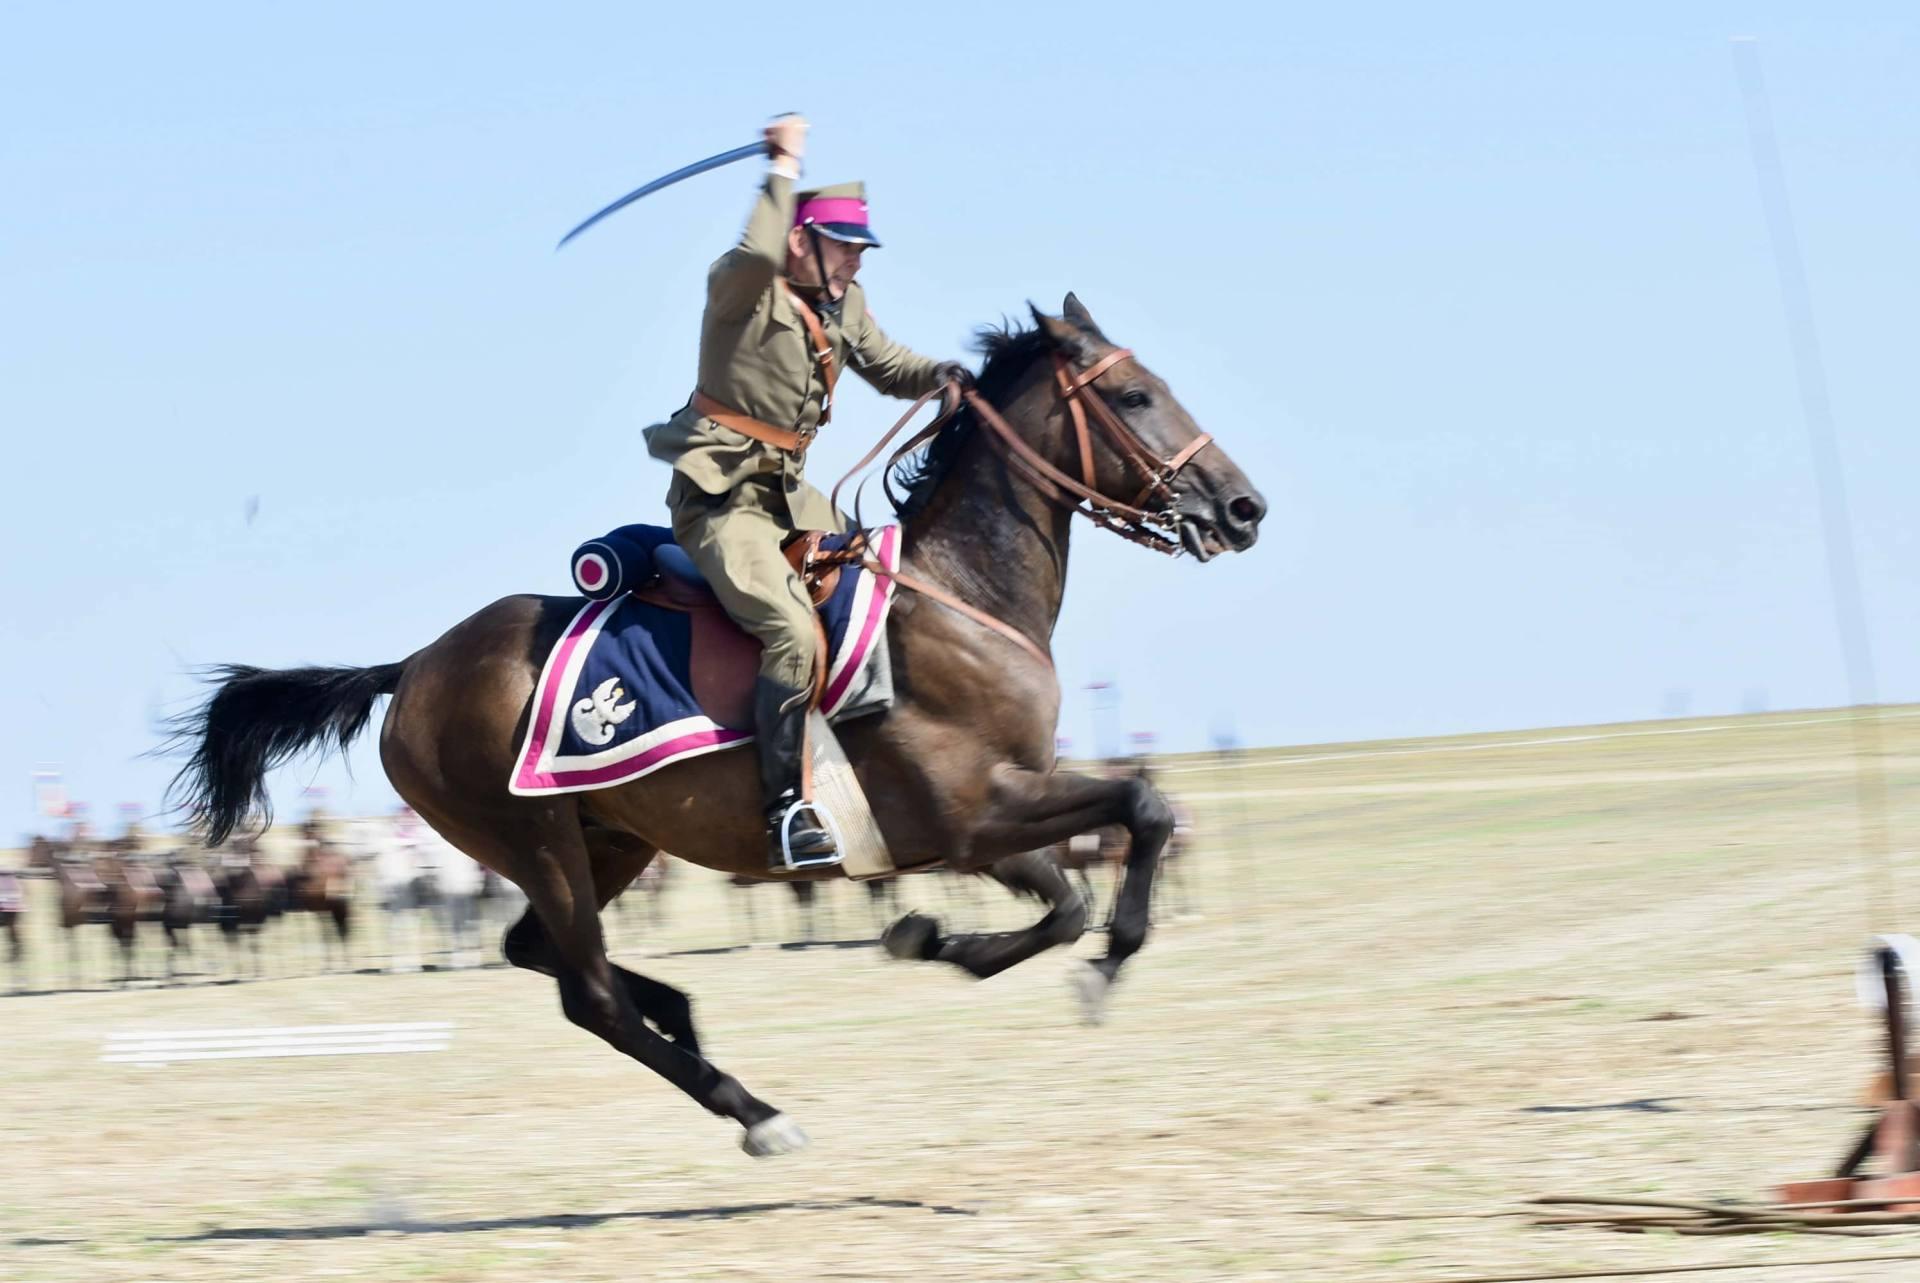 dsc 0700 Czas szabli - 100 rocznica bitwy pod Komarowem(zdjęcia)